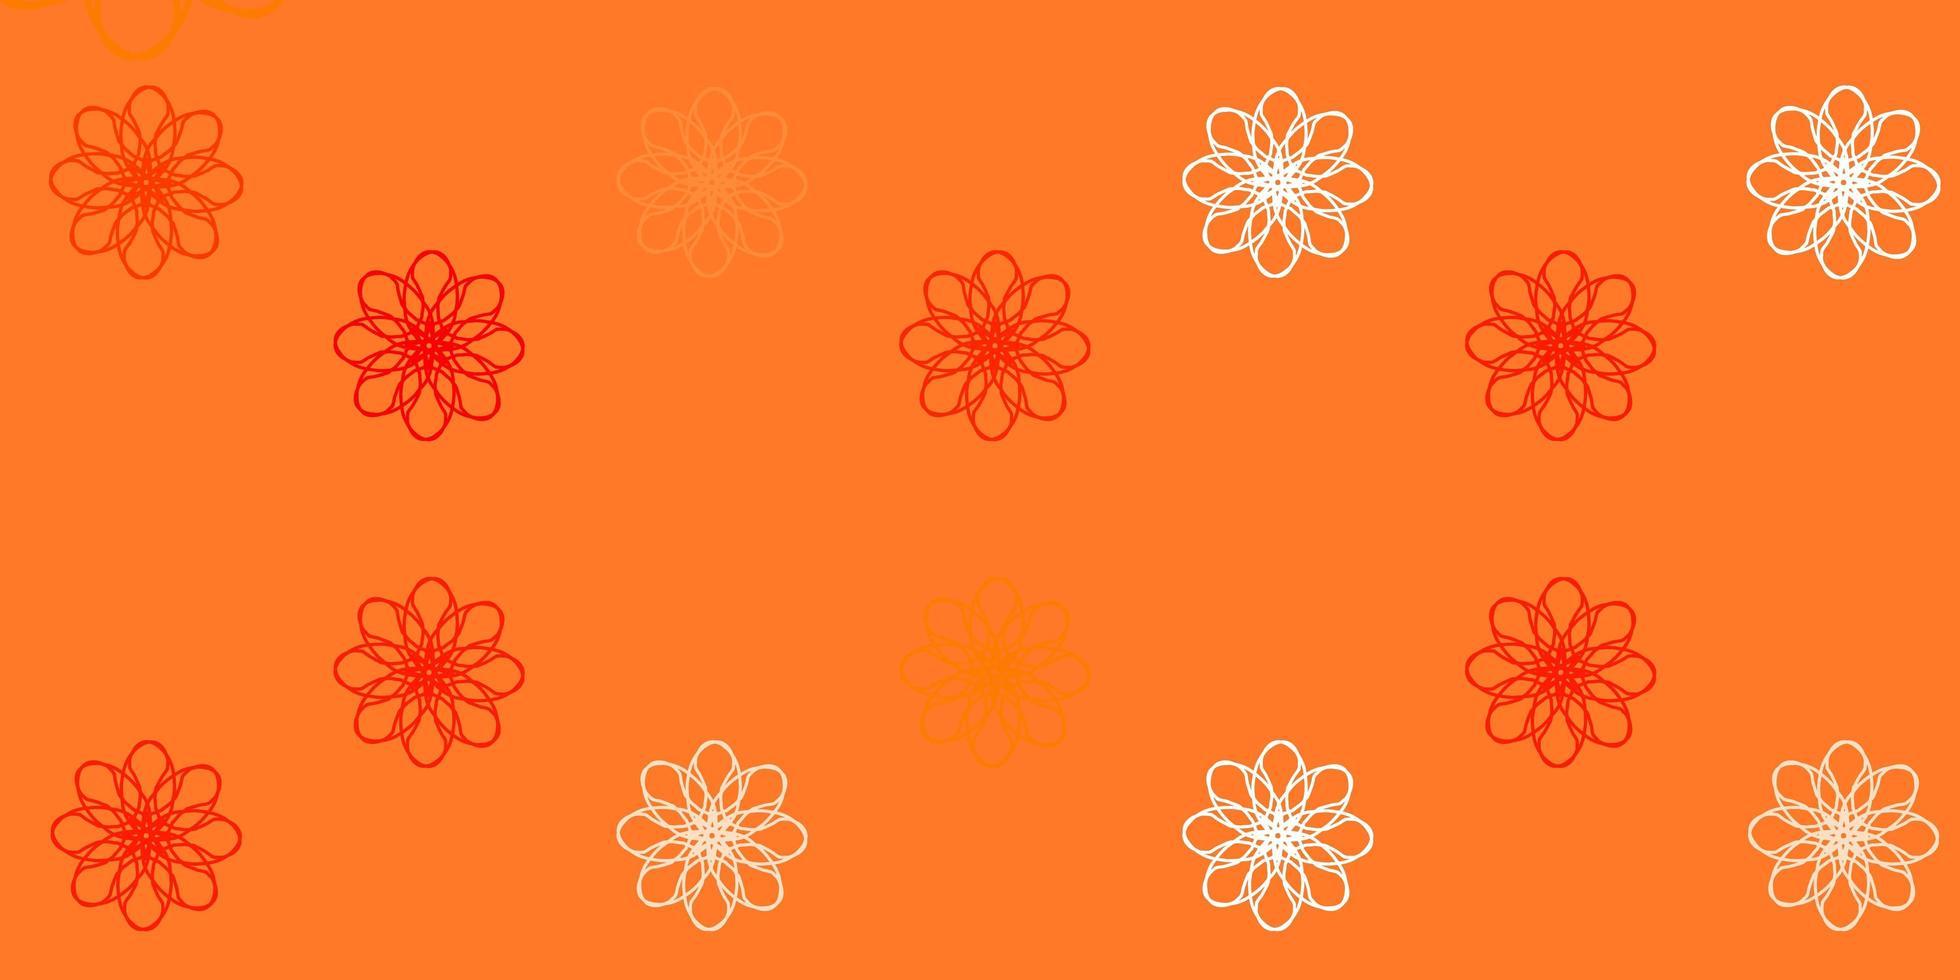 hellroter Vektorhintergrund mit trockenen Linien. vektor